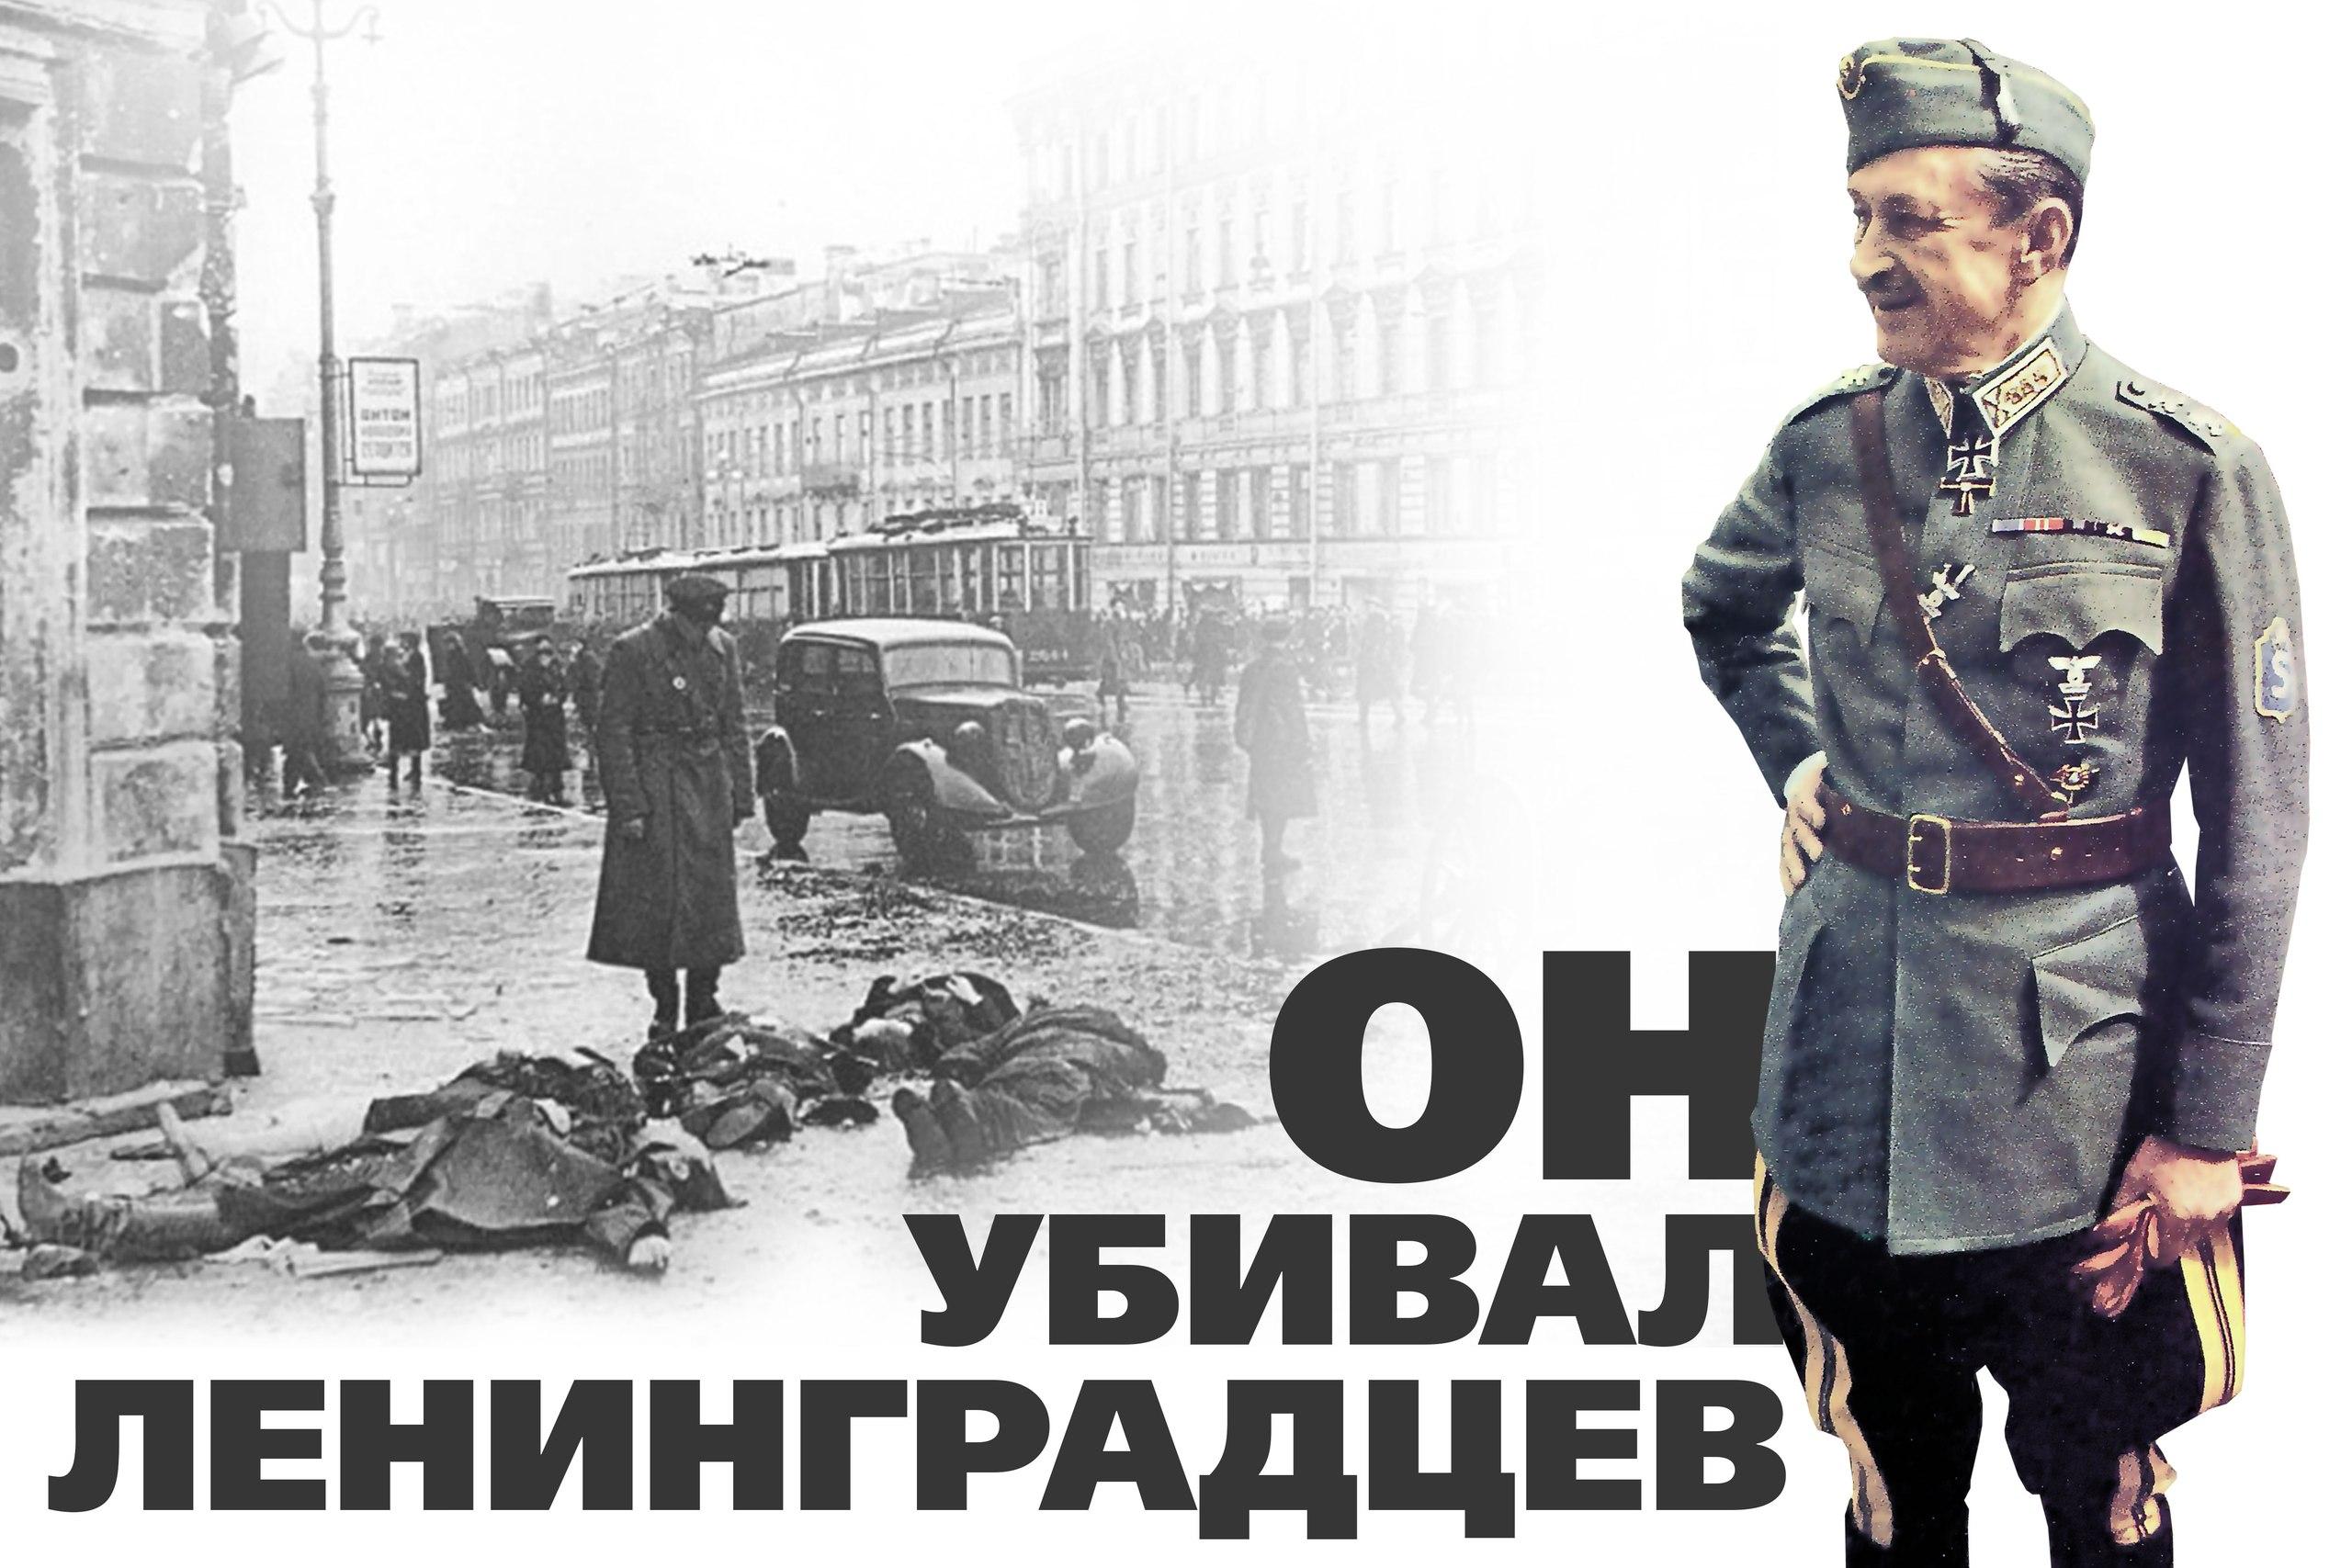 НЕТ — реабилитации фашизма! НЕТ — доске Маннергейму!